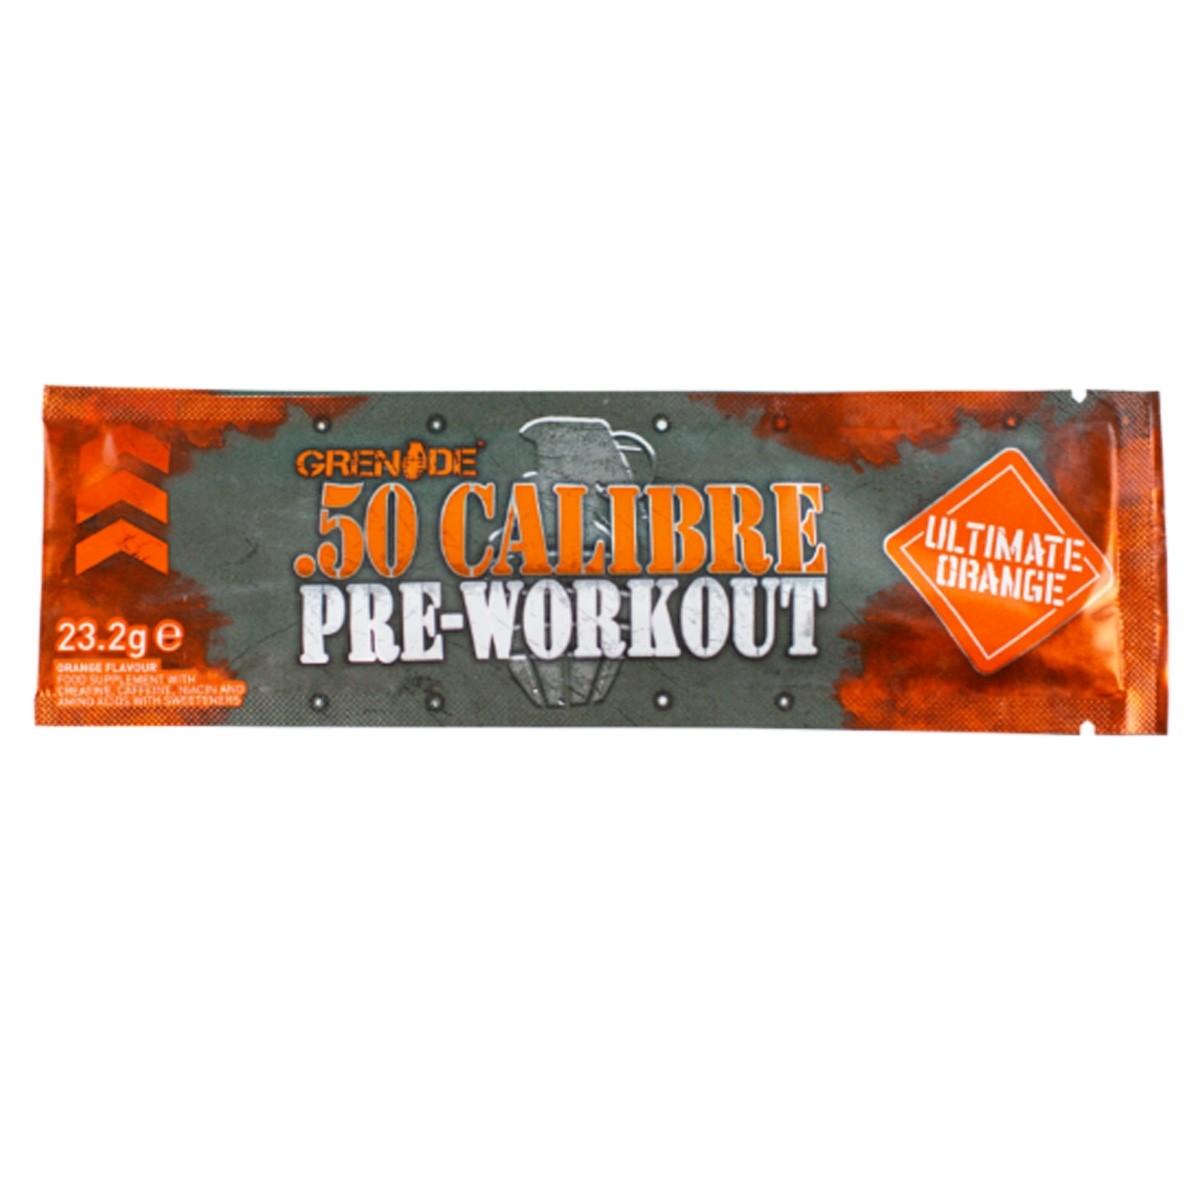 Grenade® .50 Calibre® Pre Workout, Complex pentru Energie, cu Aroma de Portocale, 23,2 g